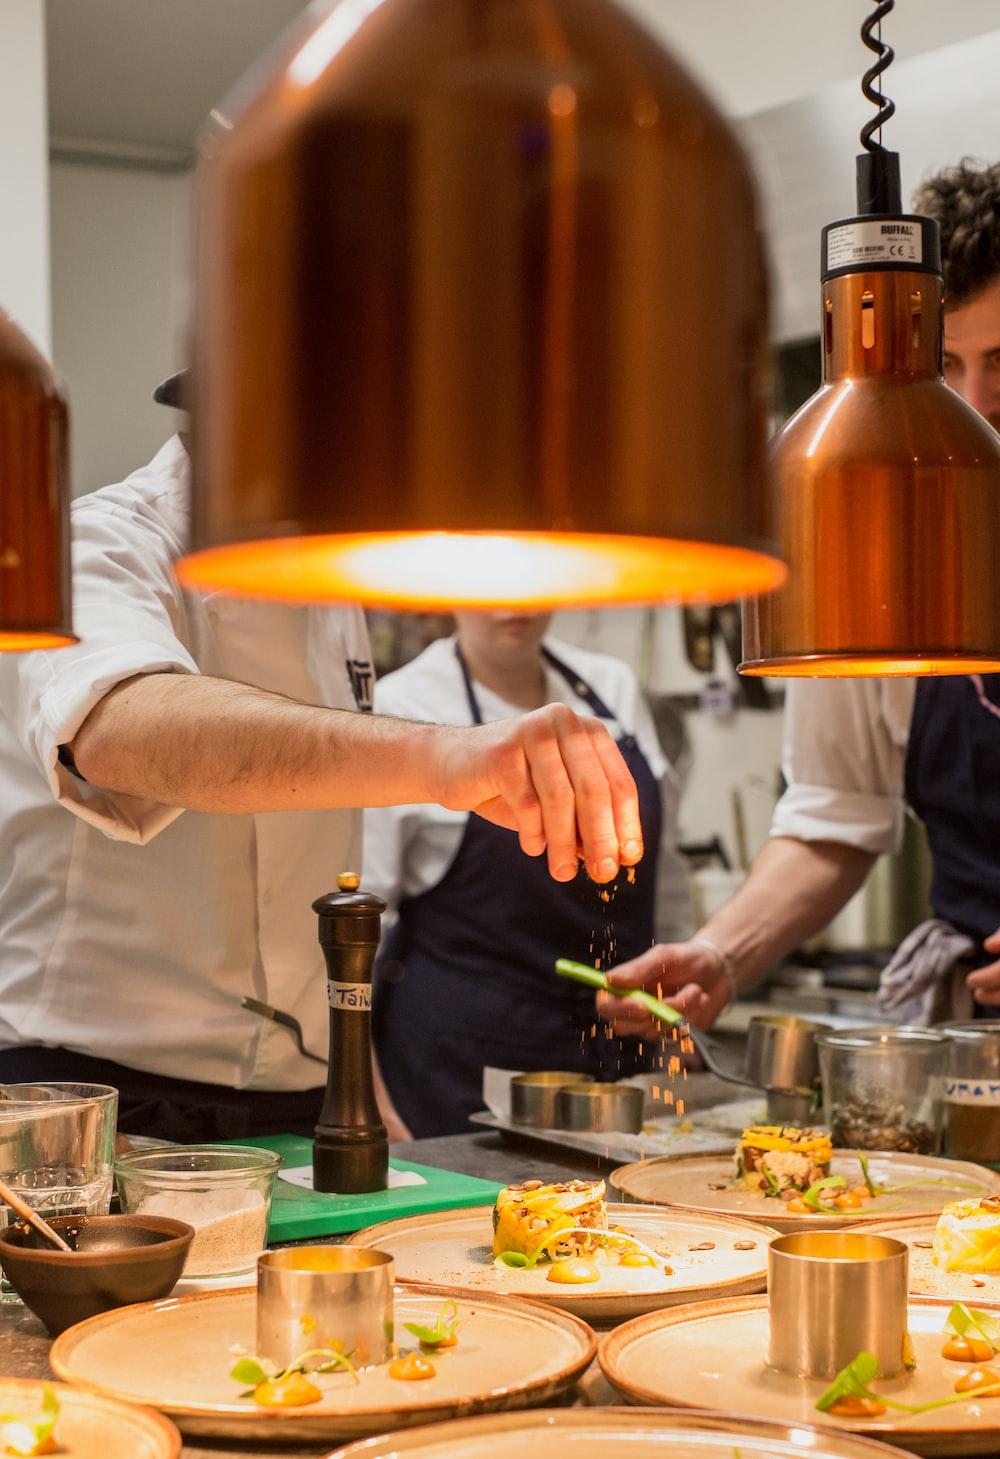 chef preparing foods